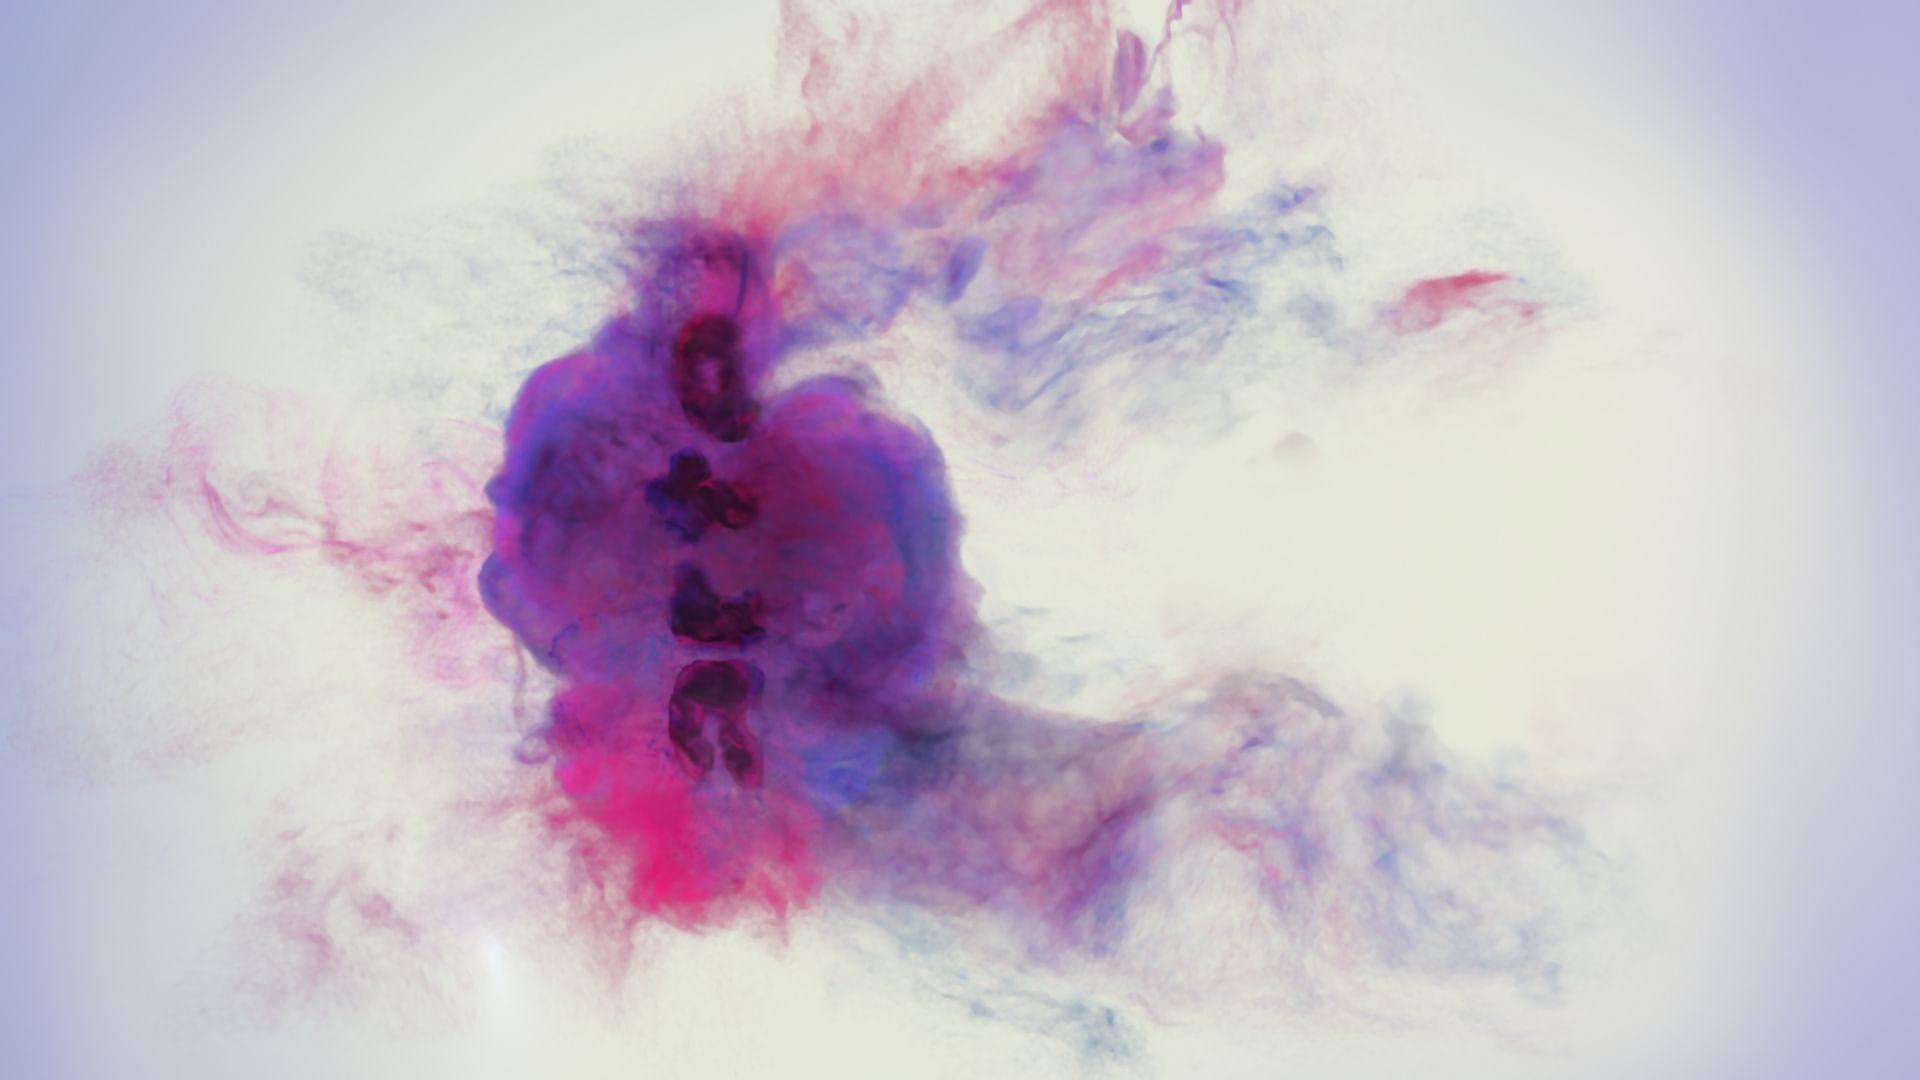 Fashion geek (4/10) - Bio-inspiration